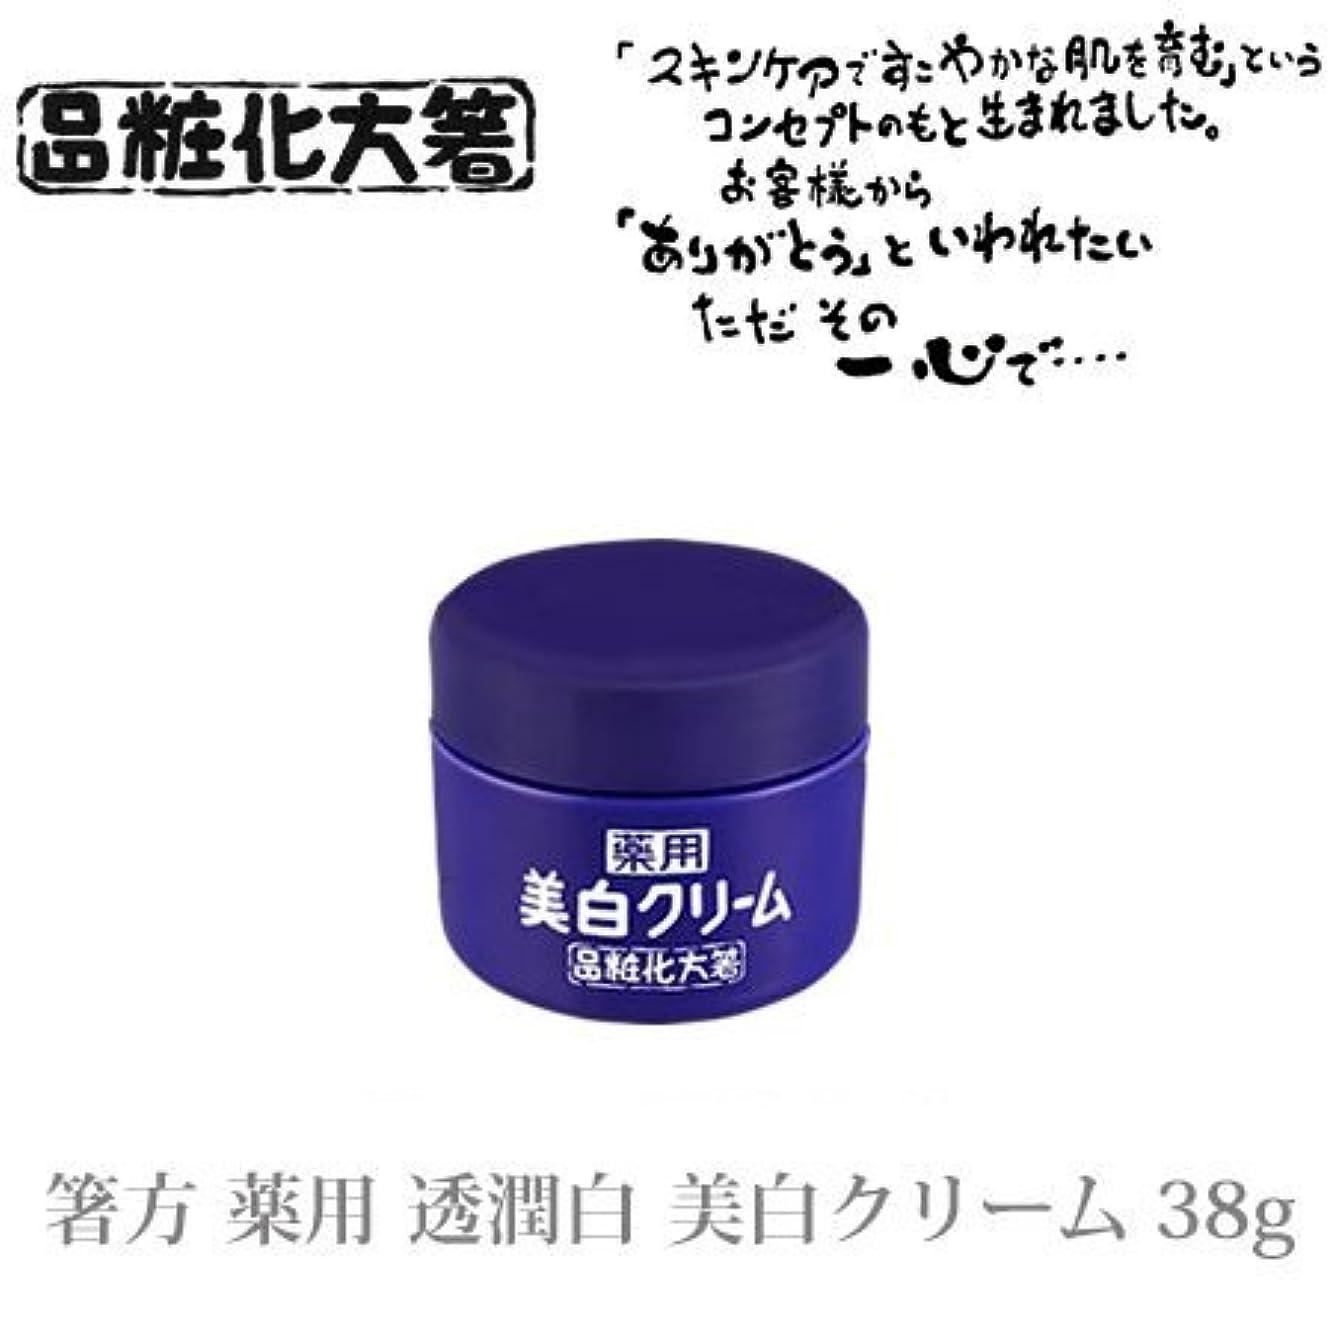 略語適合大胆な箸方化粧品 薬用 透潤白 美白クリーム 38g はしかた化粧品